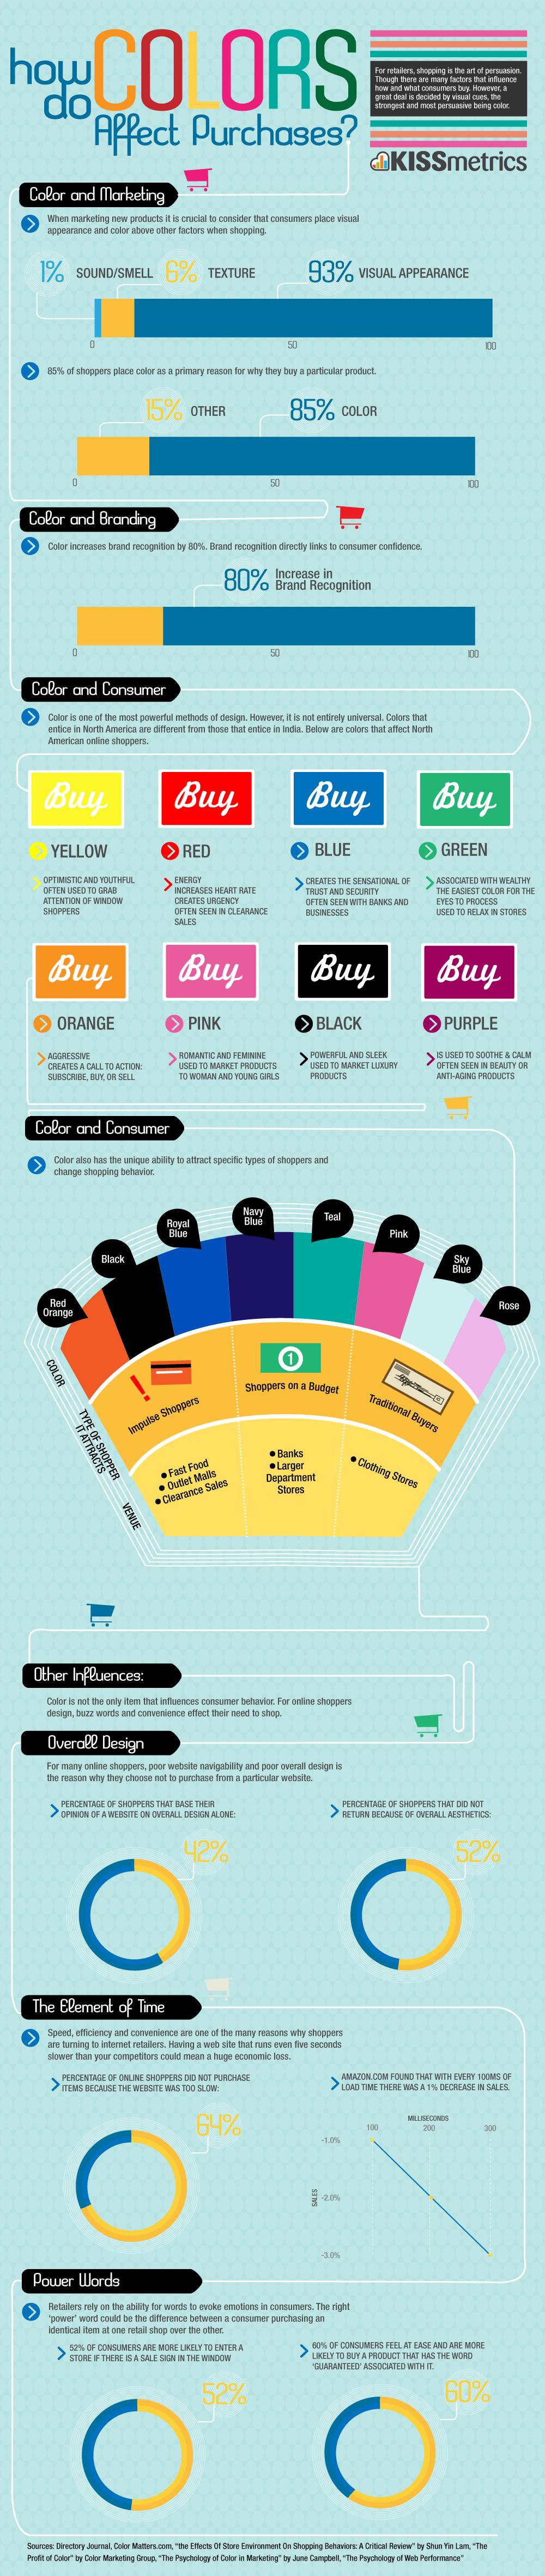 Comment les couleurs influent sur votre décision d'achat